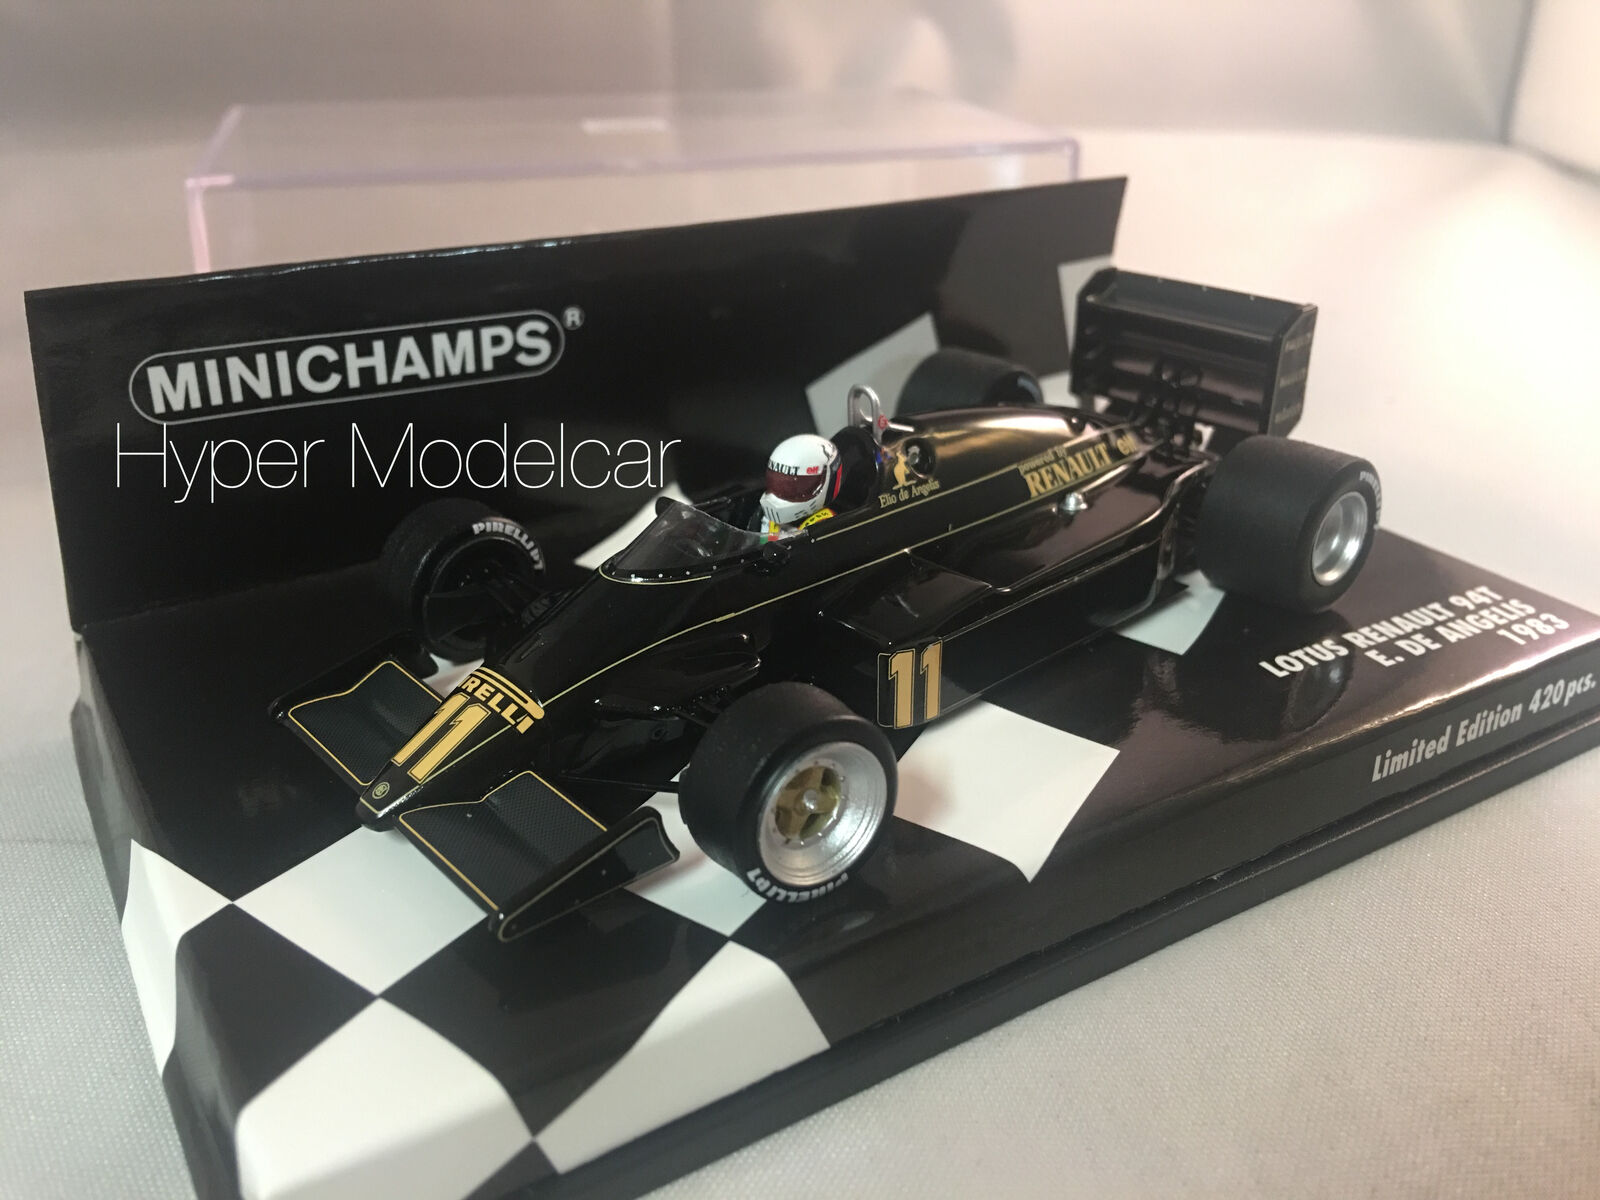 Minichamps 1 43 f1 Lotus 94t renault Season 1983 E. De Angelis art.417830011